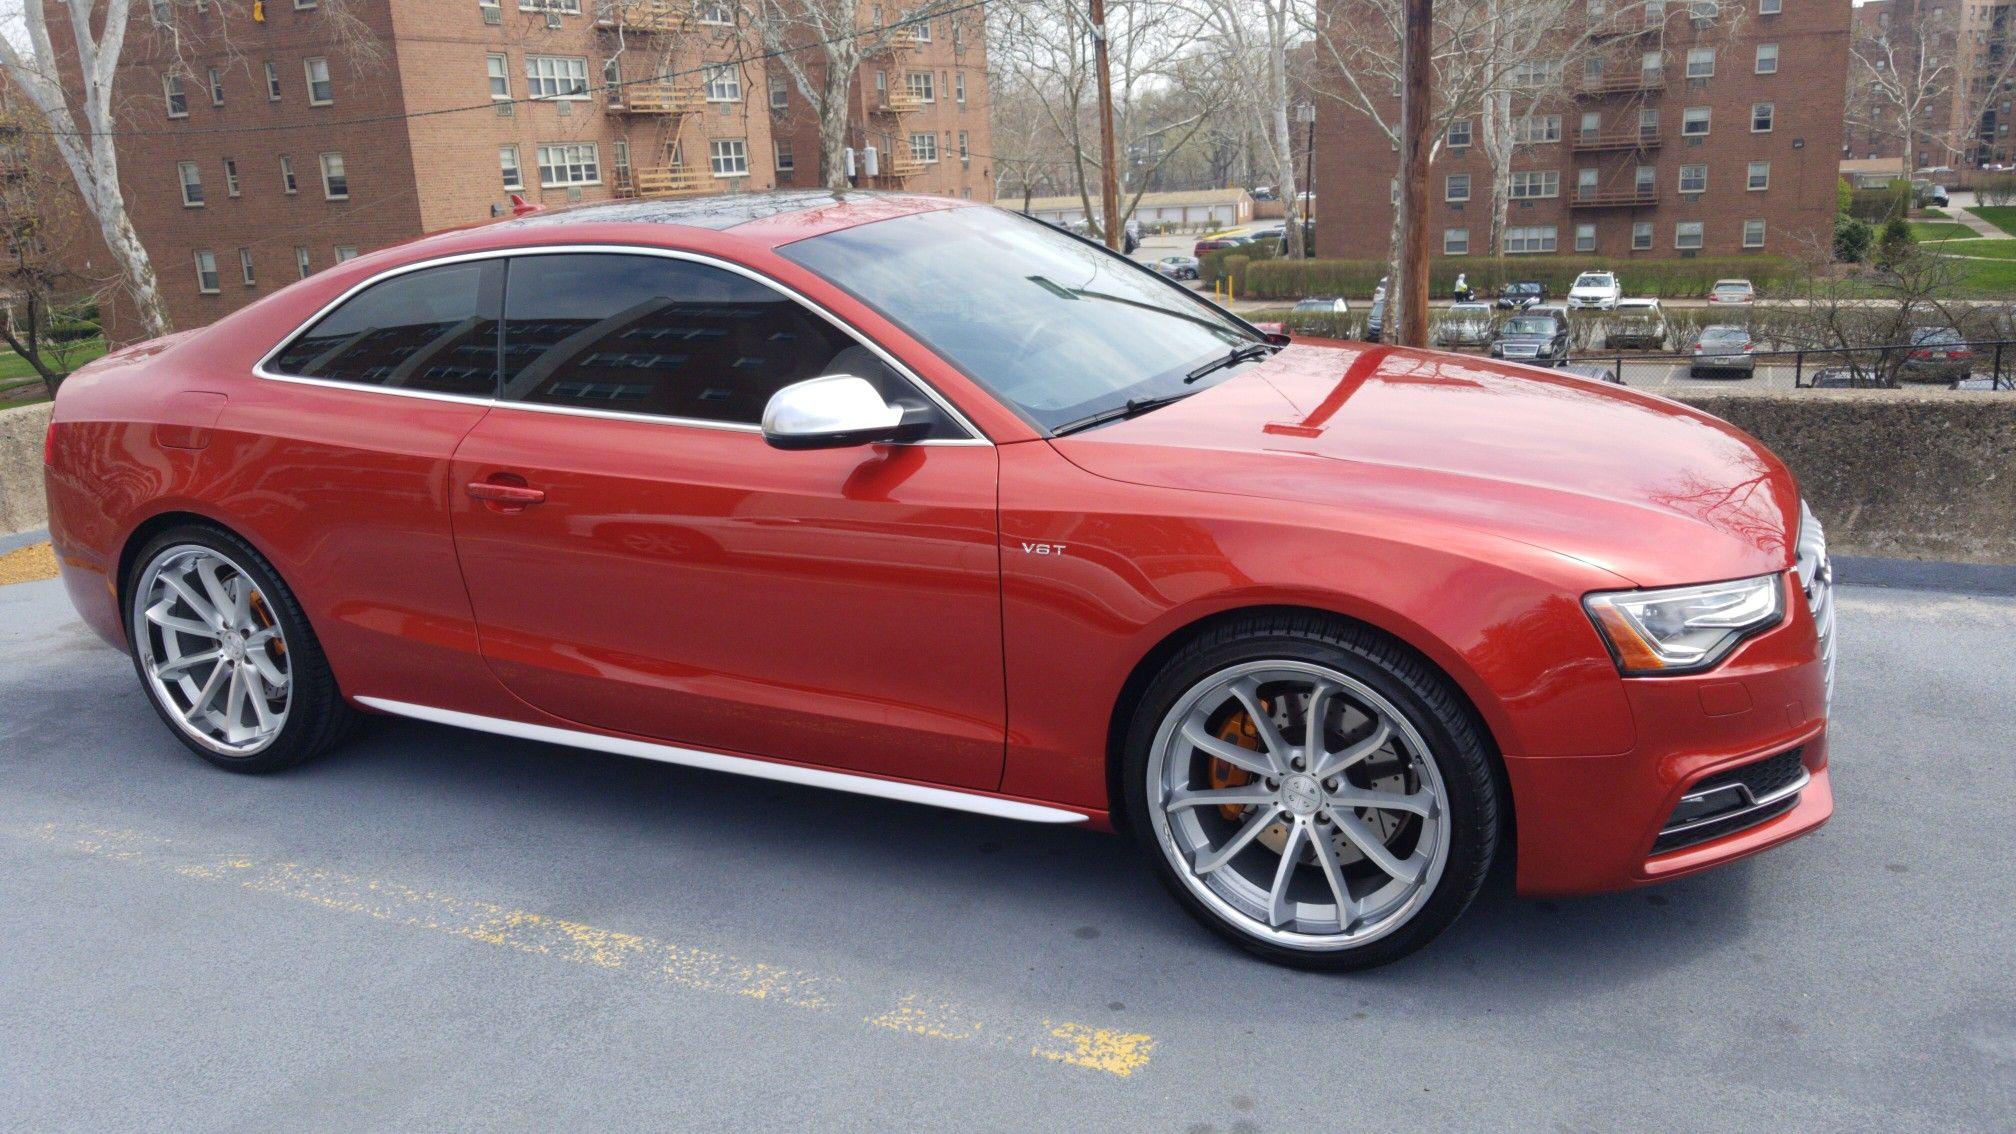 Pin by 1 8622640164 on Audi Audi, Bmw car, Bmw